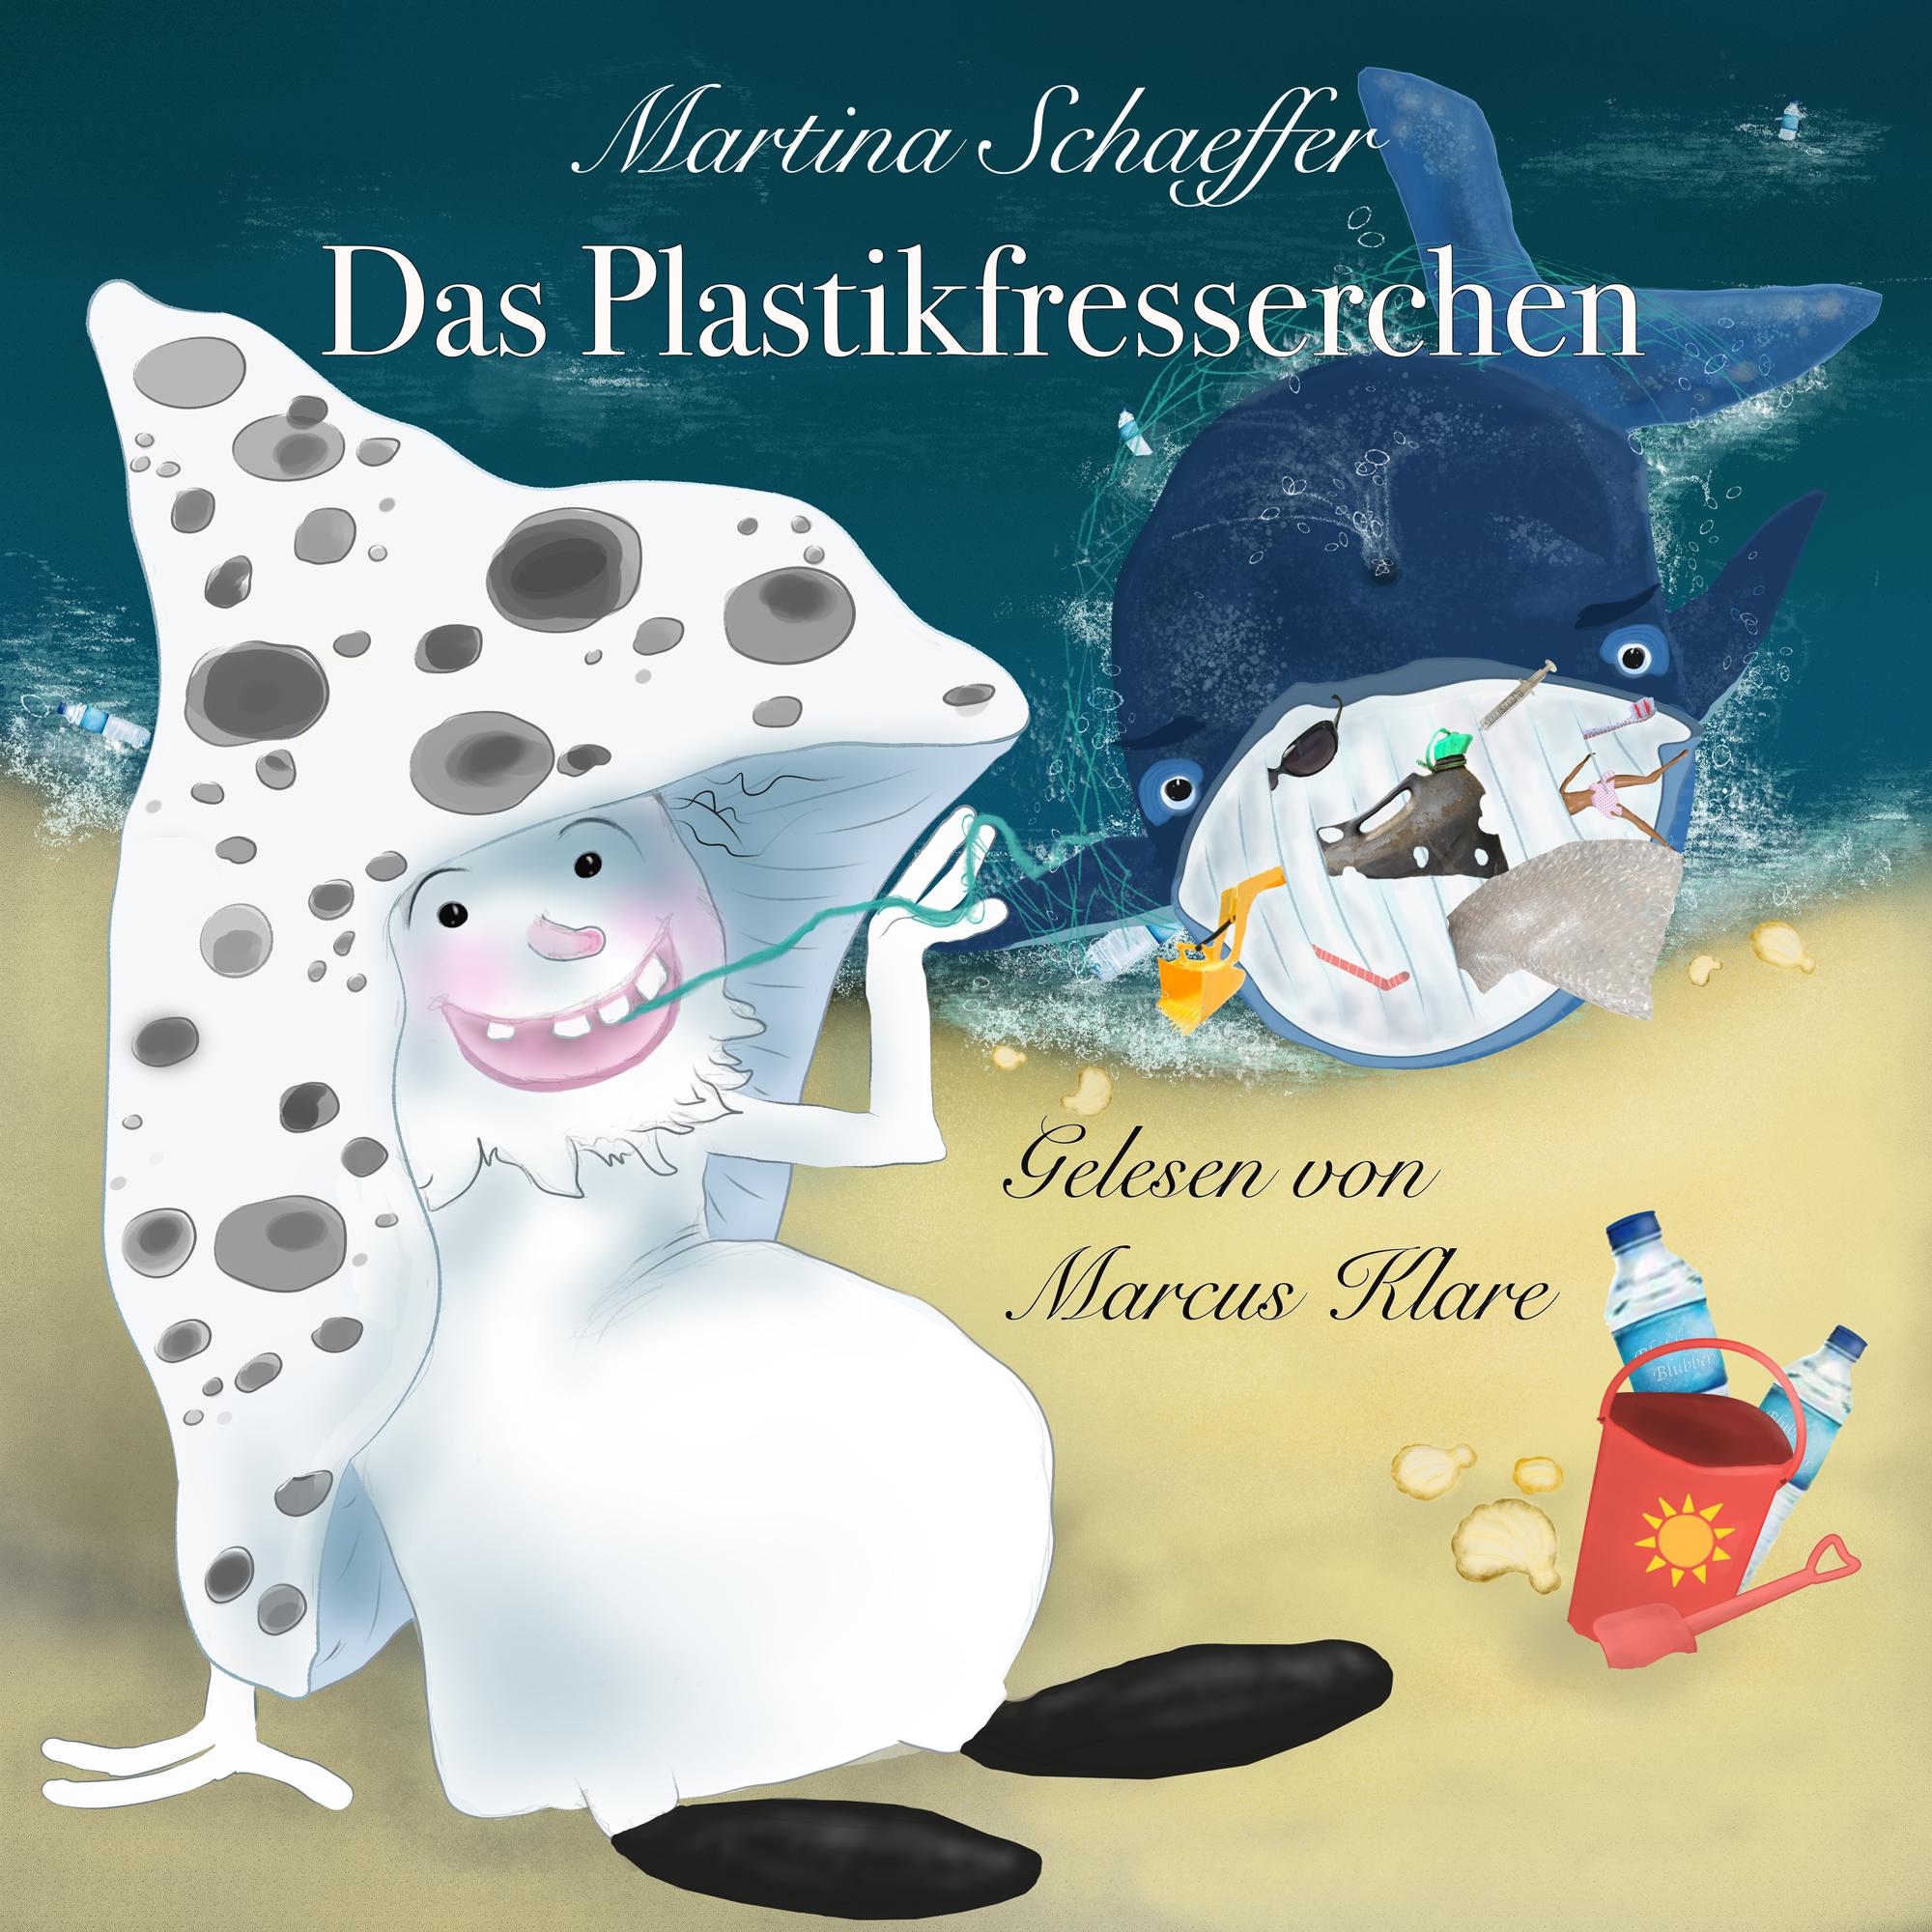 Das Plastikfresserchen